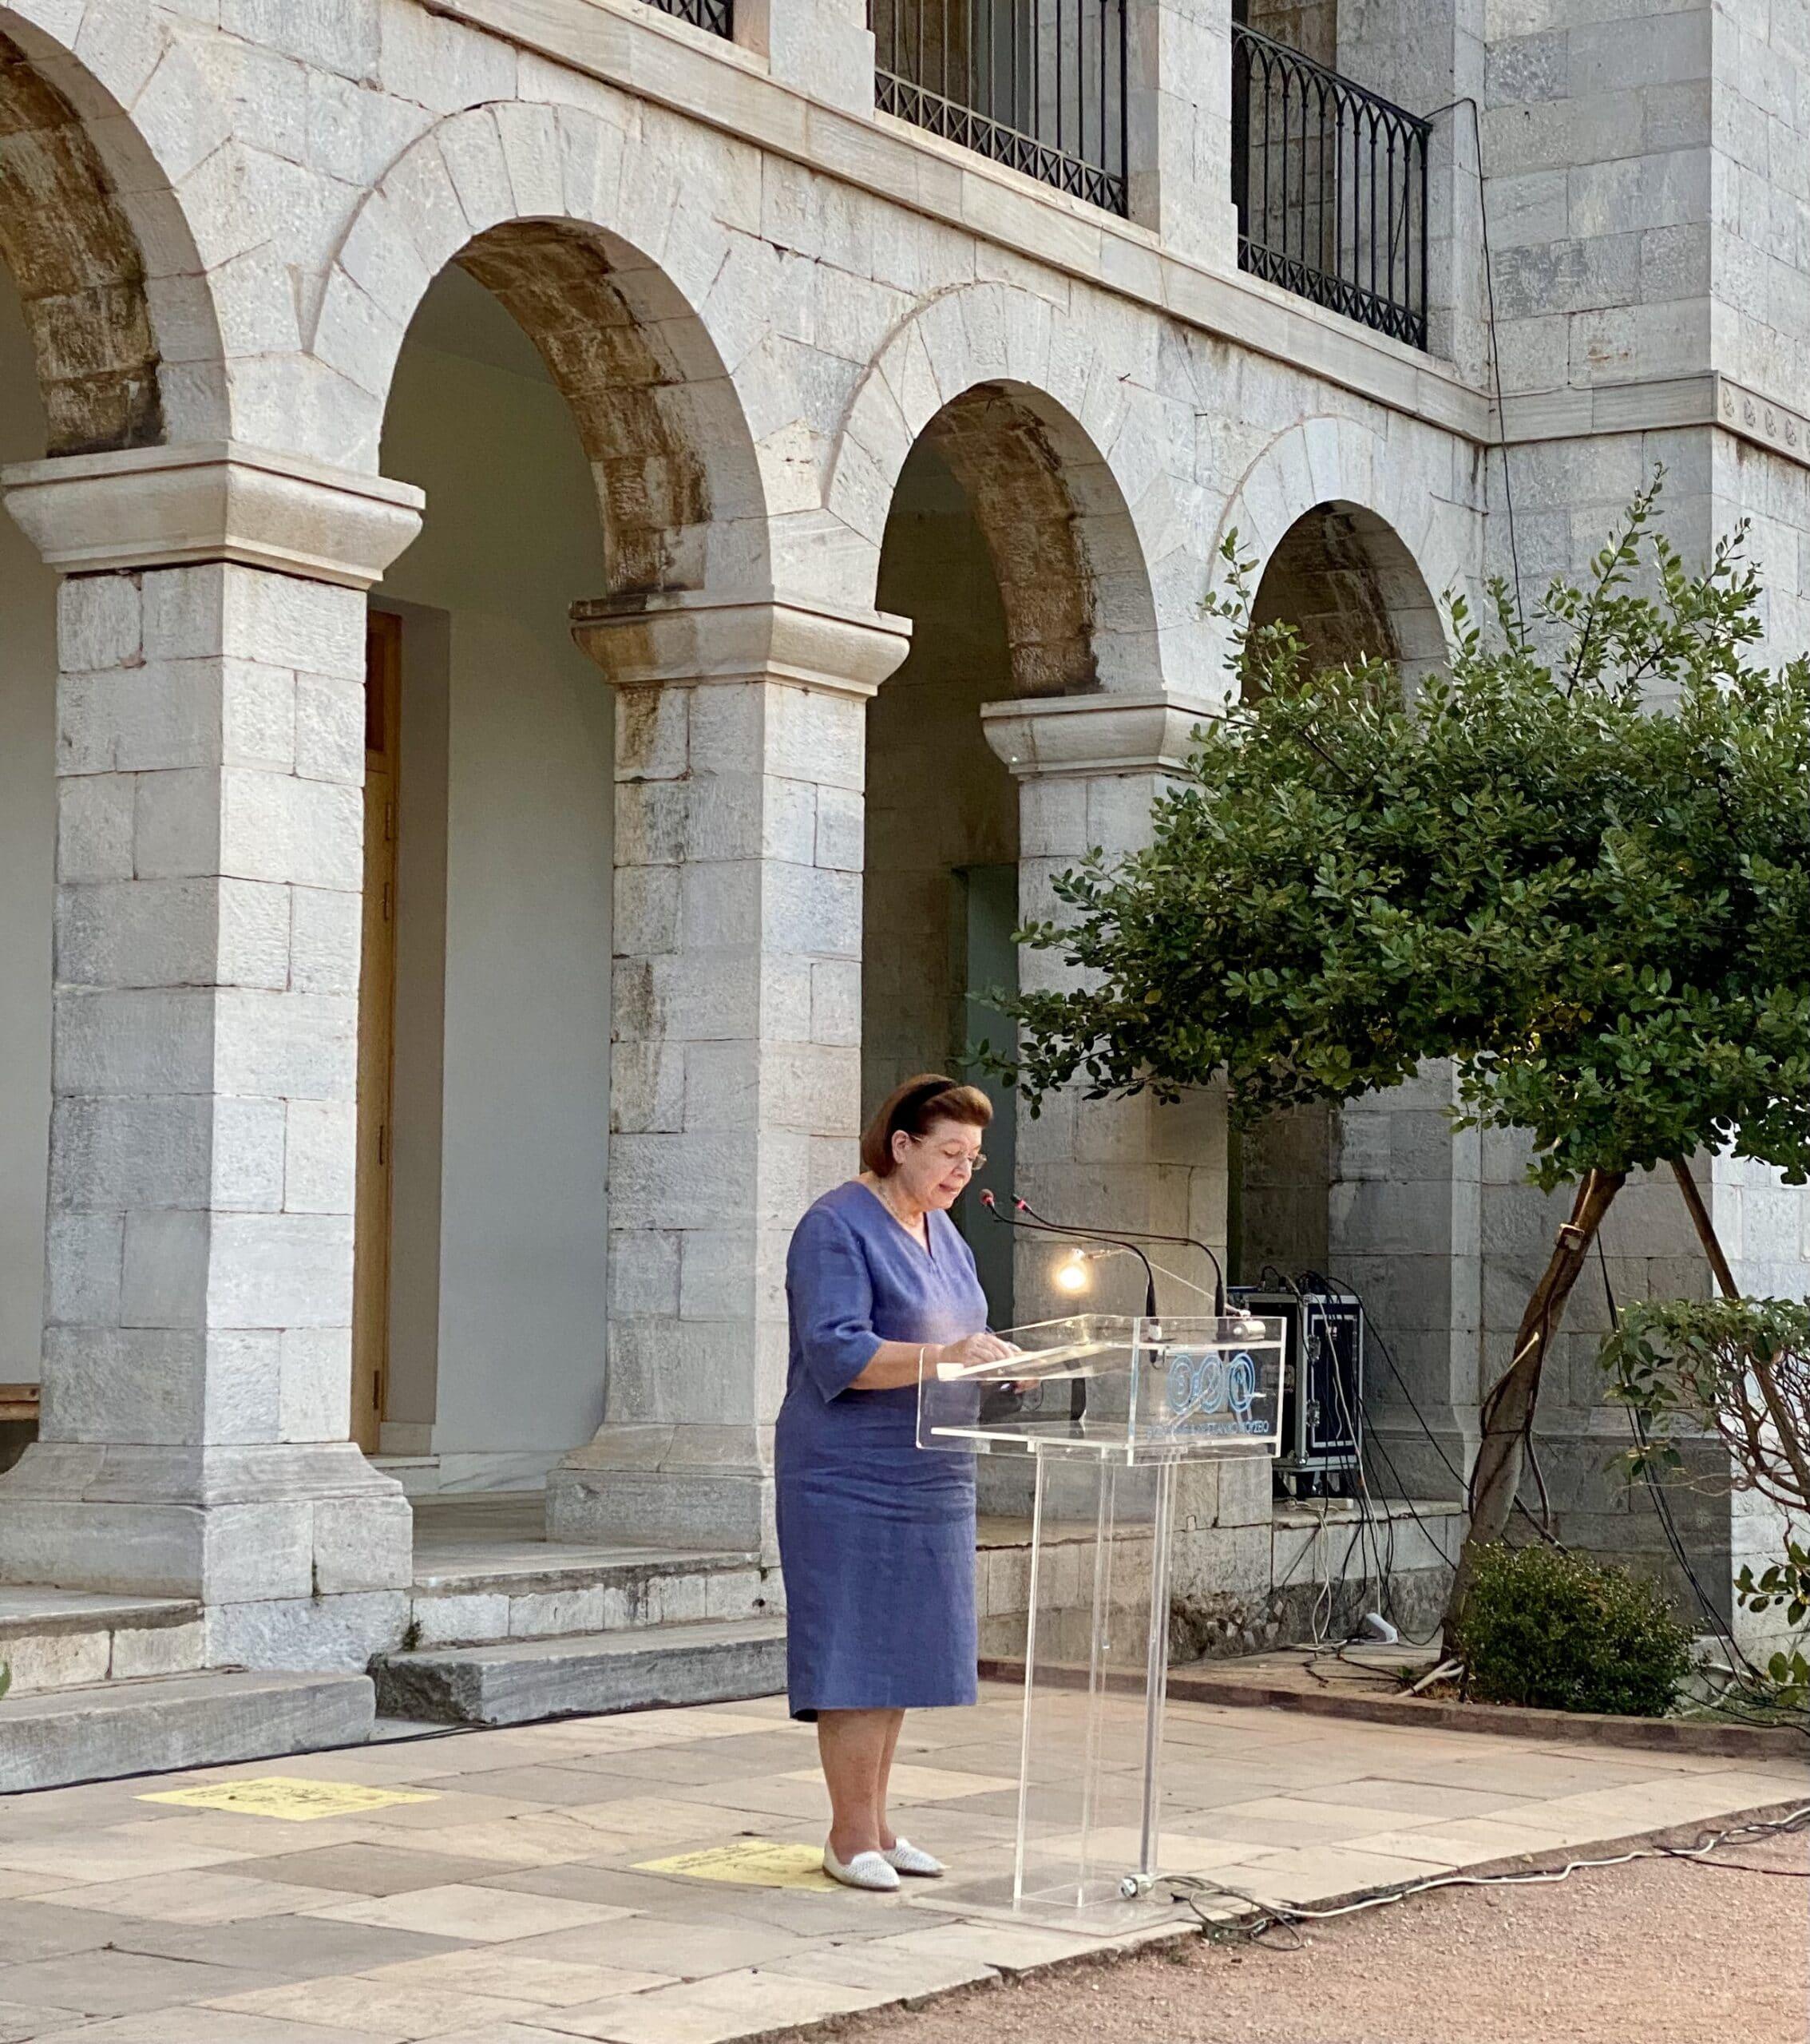 Λίνα Μενδώνη: «Η Ναυμαχία της Ναυπάκτου συγκαταλέγεται στις μεγαλύτερες ναυμαχίες όλων των εποχών»